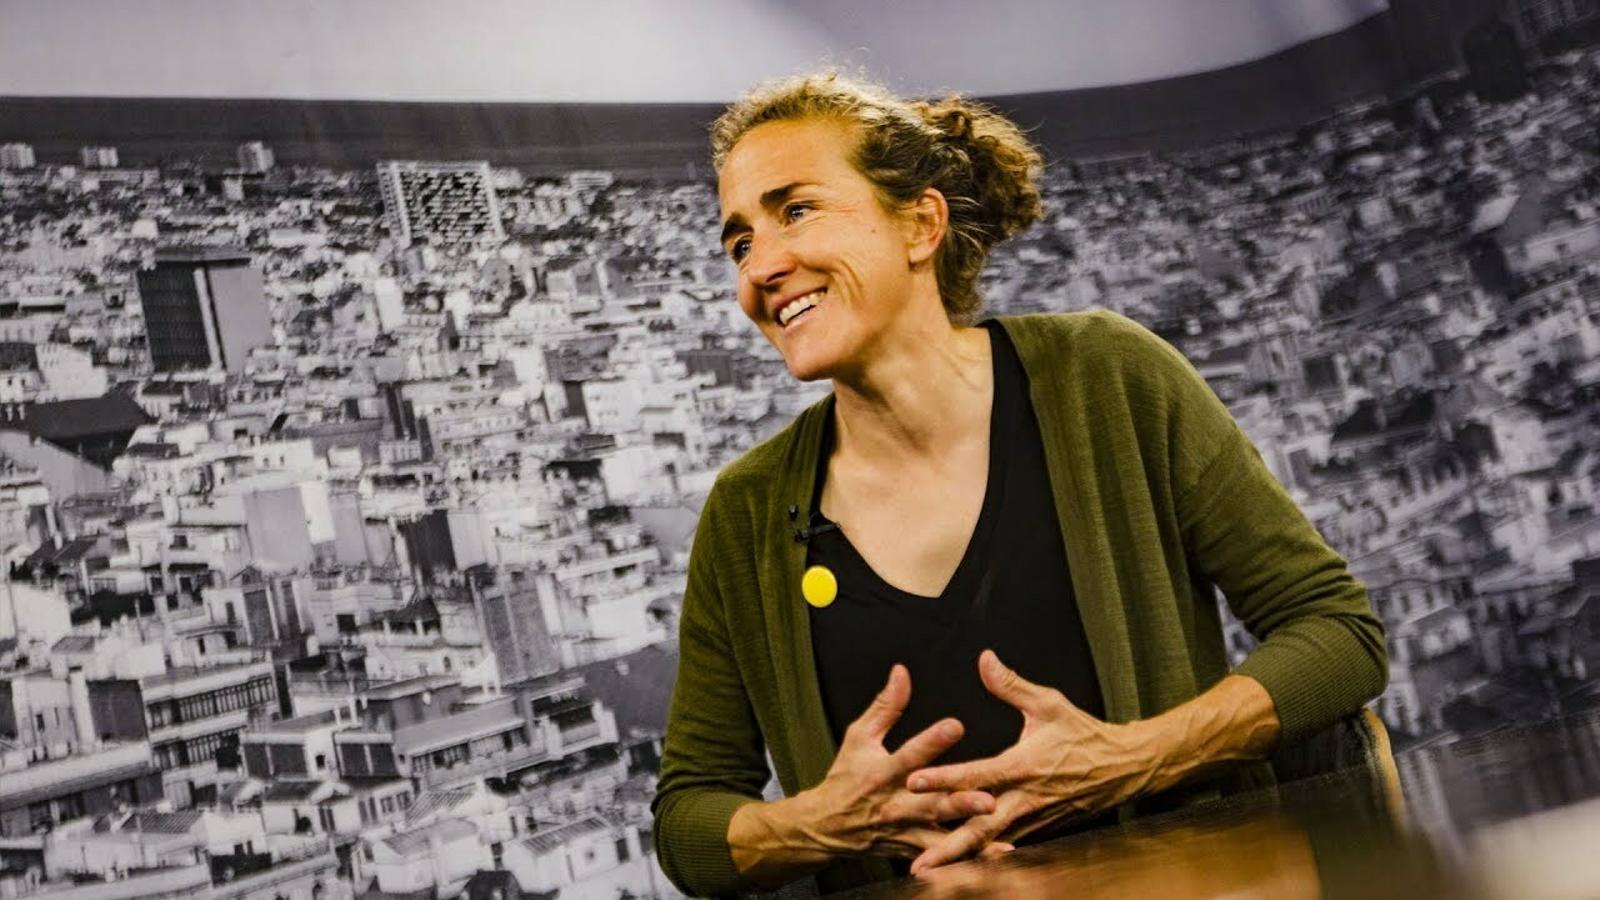 """Núria Picas: """"Estic fora de la meva zona de confort, però al final me n'acabo sortint"""""""